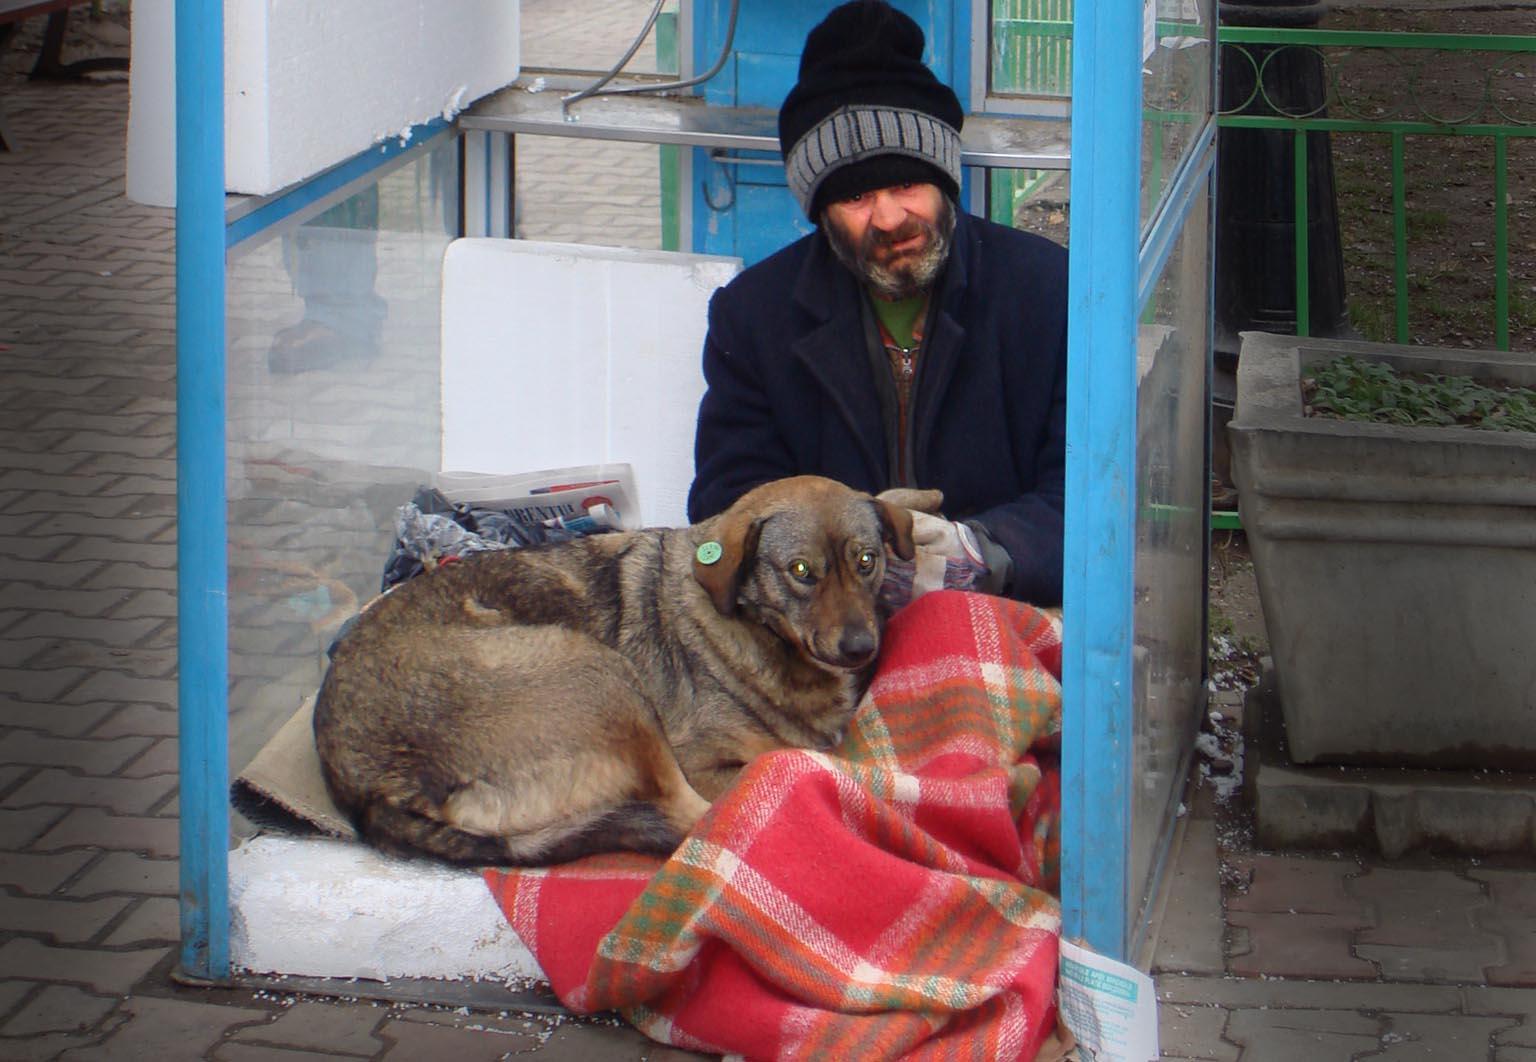 Møt mannen med hund